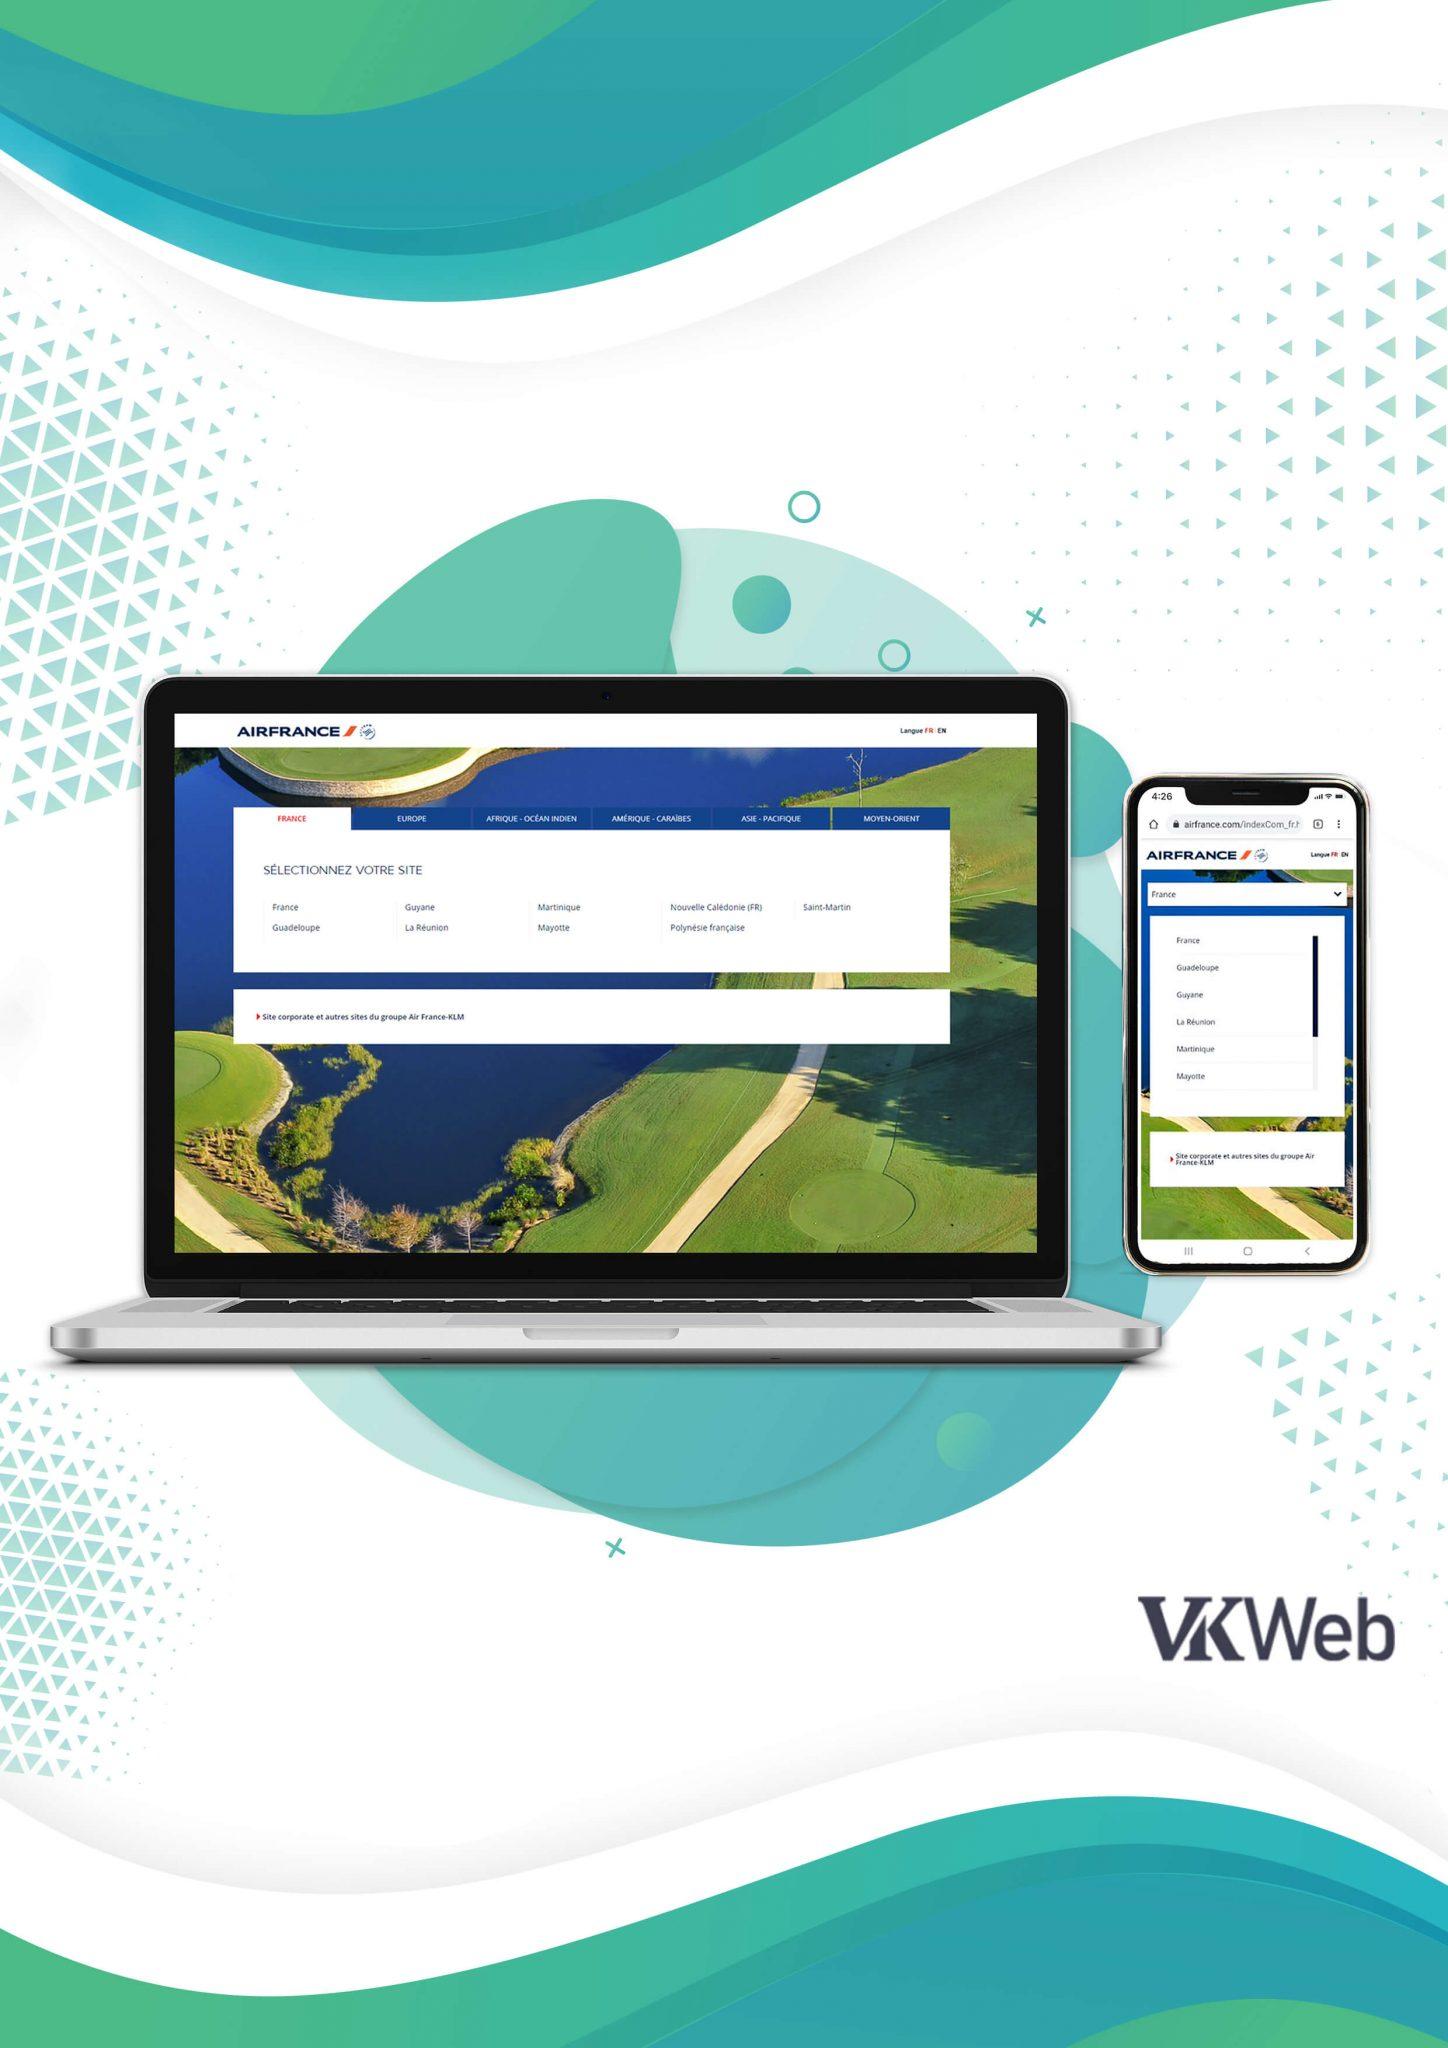 Le site web d'Air France qui s'adapte à l'écran de l'ordinateur Version mobile du site web d'Air France